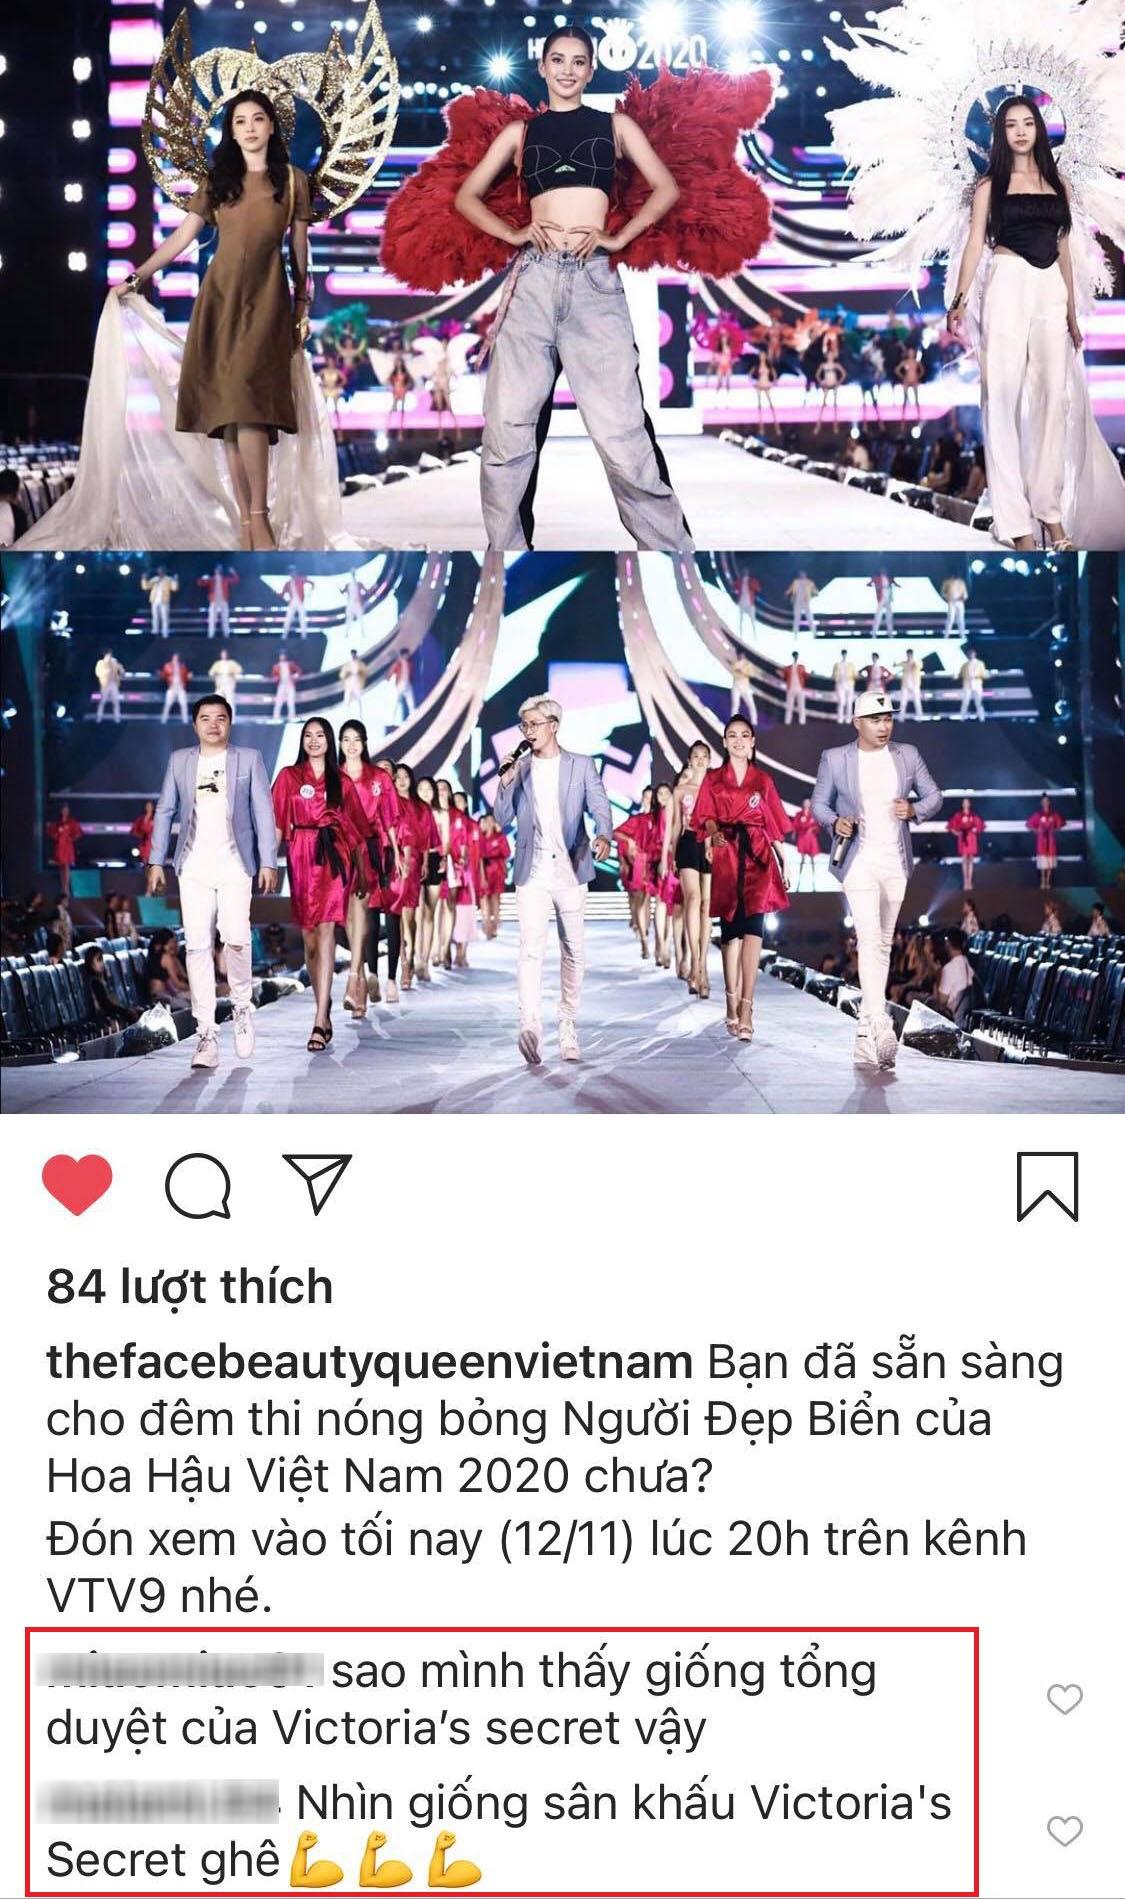 Lộ diện sân khấu tổng duyệt đêm thi Hoa hậu Biển - Chung kết HHVN 2020: HH Tiểu Vy đeo cánh thiên thần, dân tình thi nhau nhận xét như Victoria's Secret show - Ảnh 4.